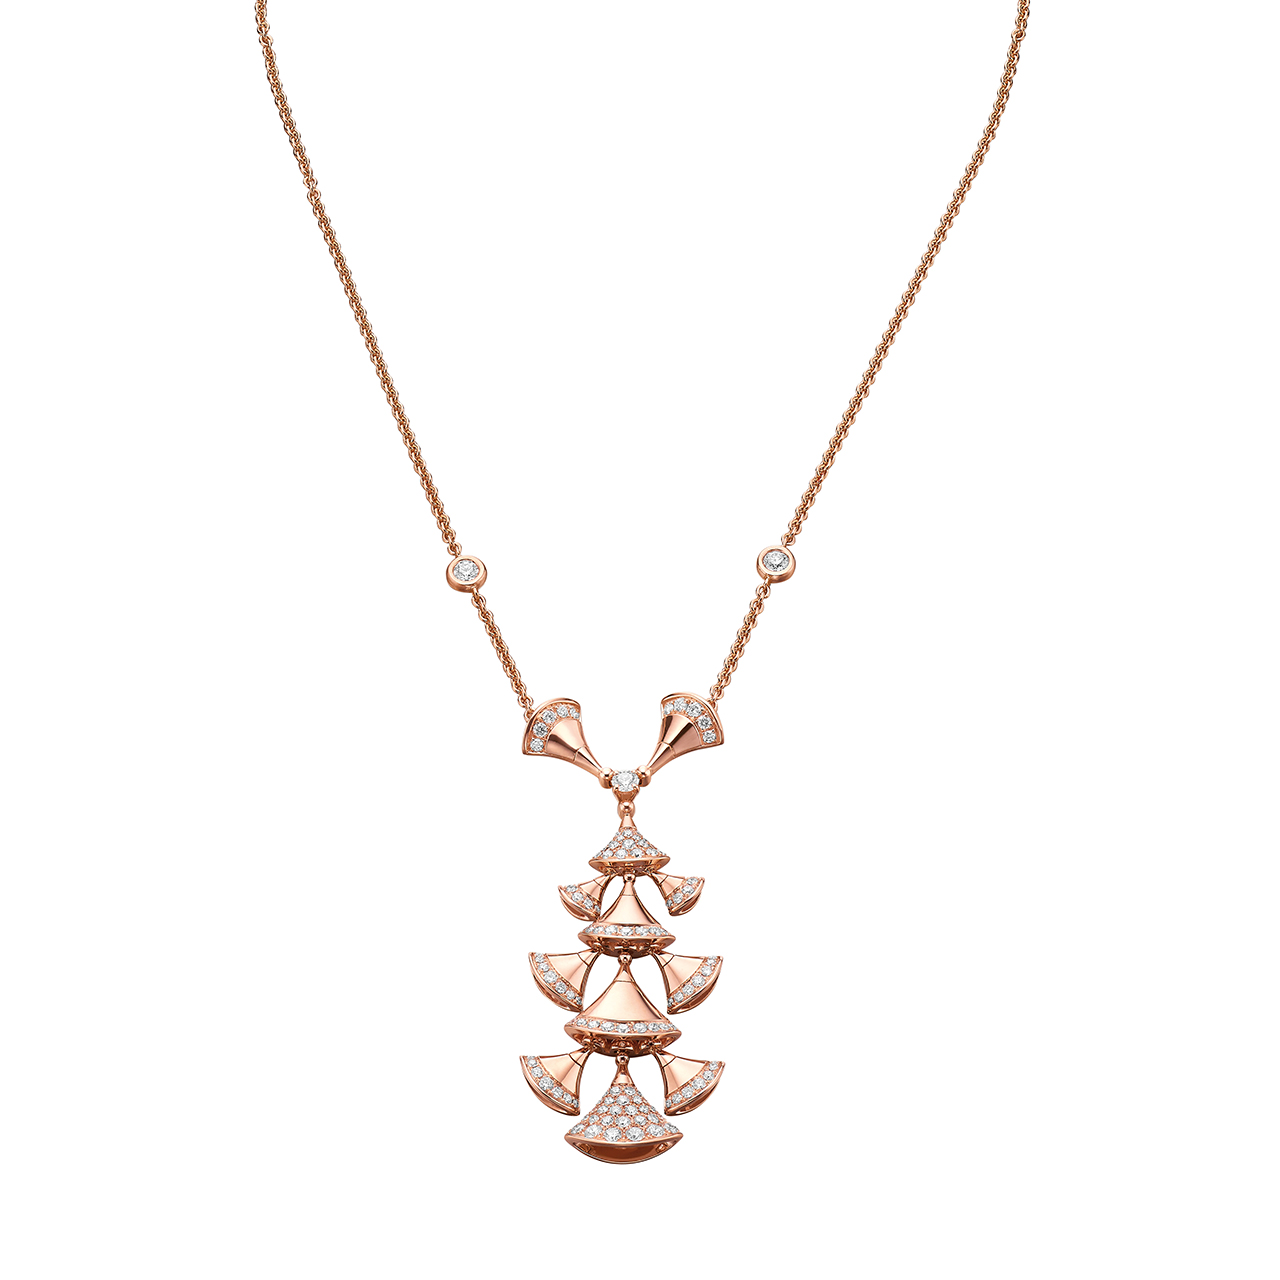 「ディーヴァ ドリーム」ネックレス (PG、ダイヤ) ¥ 1,440,000